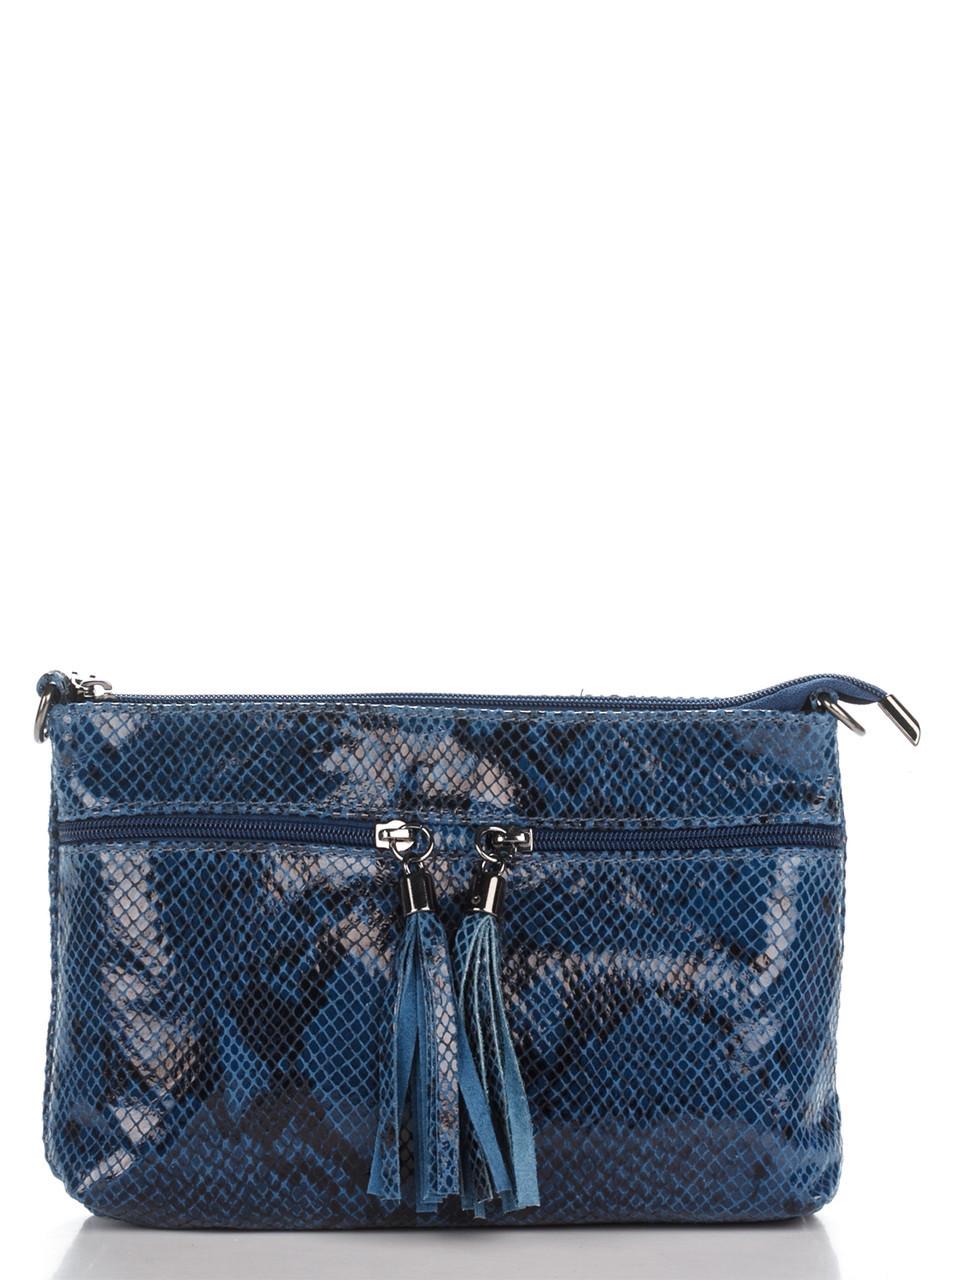 LEA синяя женская кожаная сумка крос боди Divas Bag